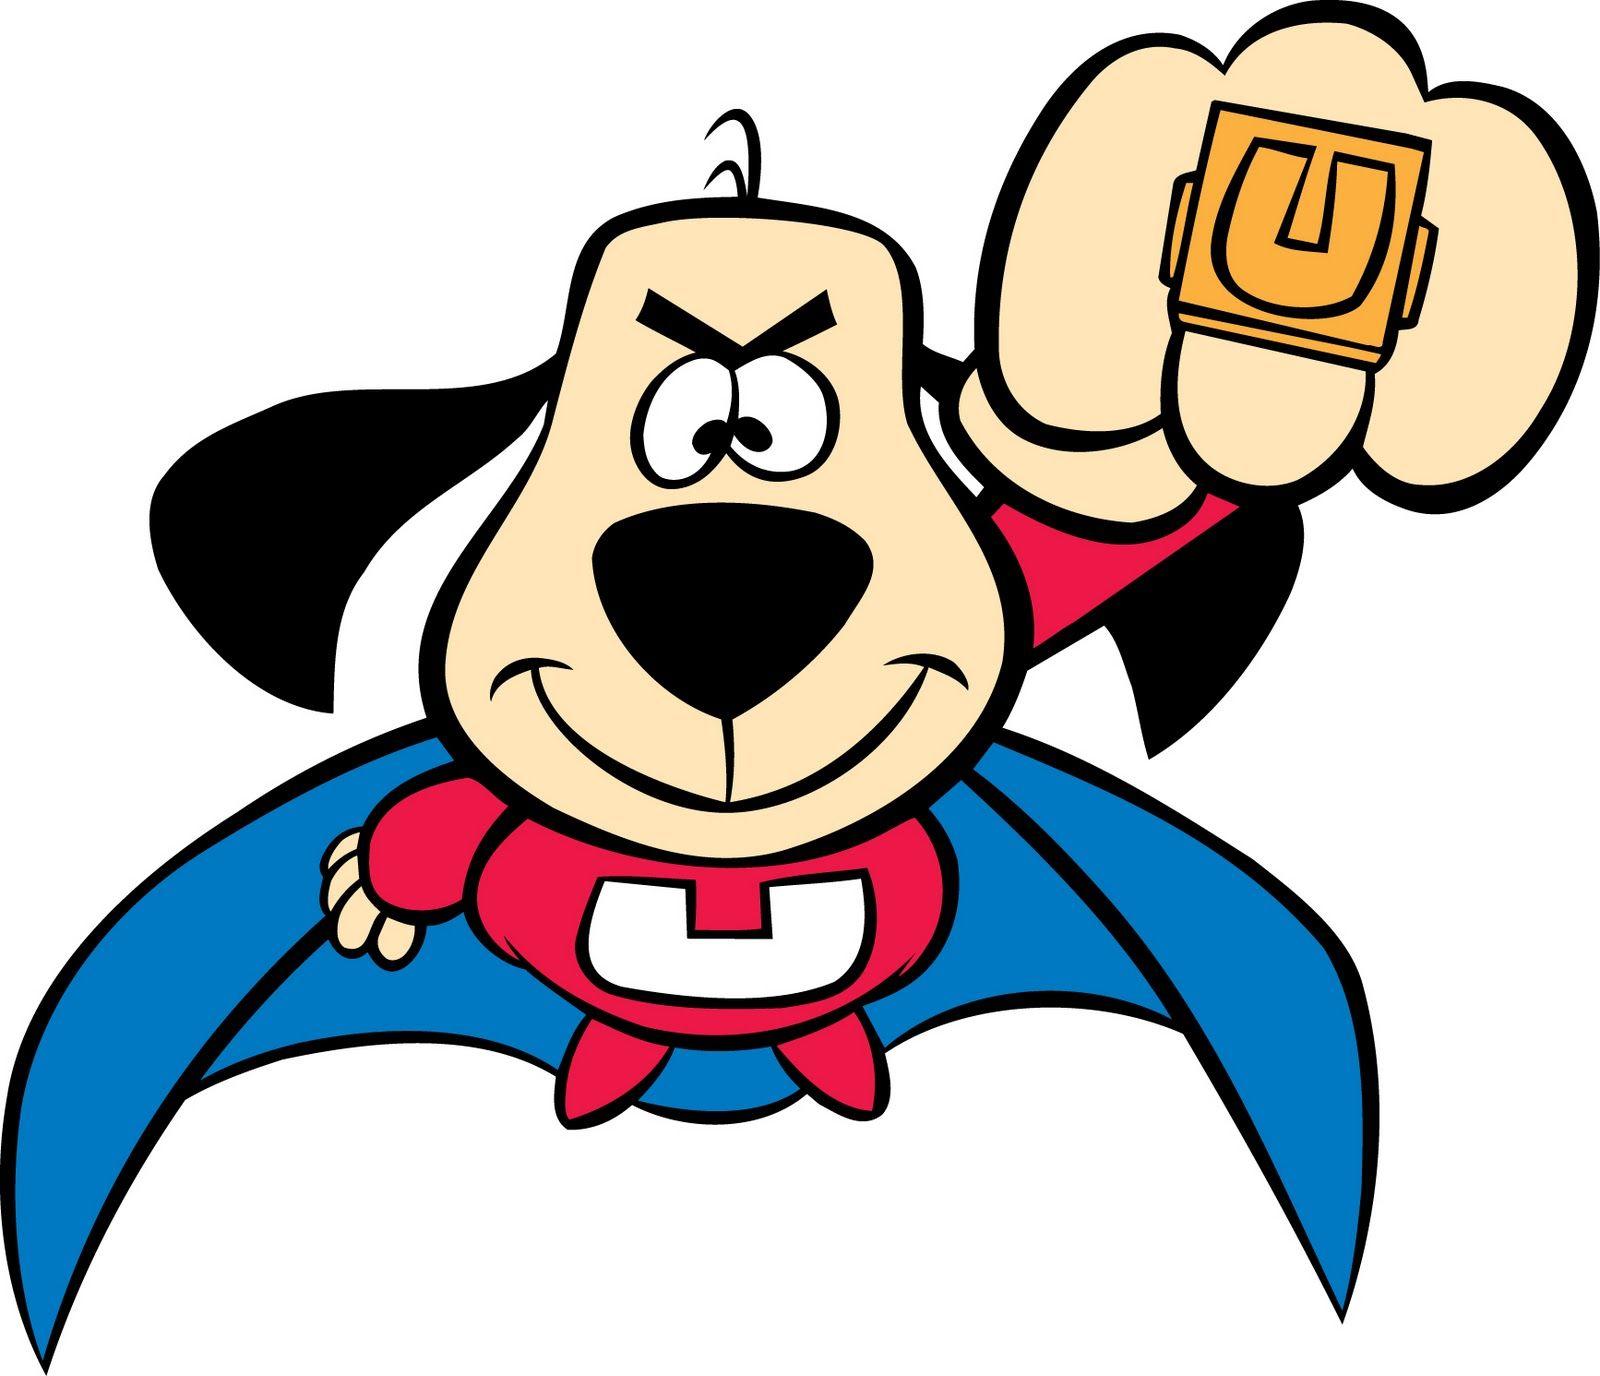 Underdog Underdog, Old school cartoons, Childhood